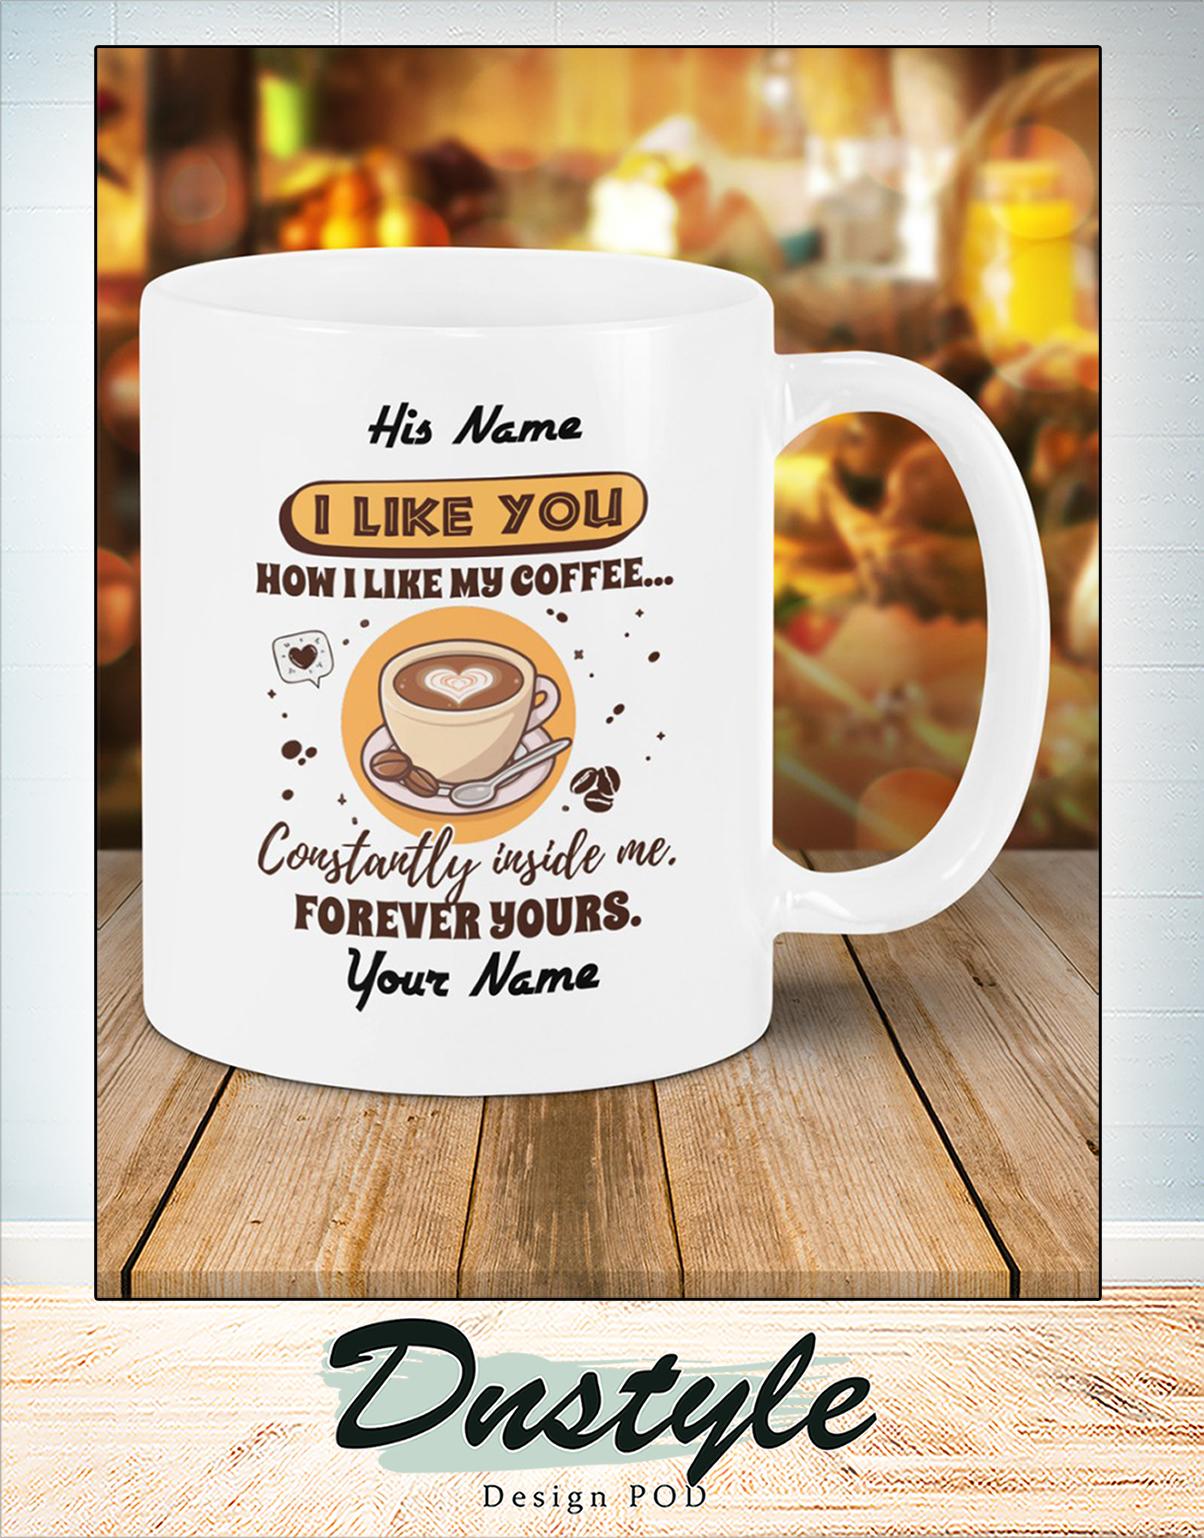 Personalized custom name I like you how I like my coffee mug 1